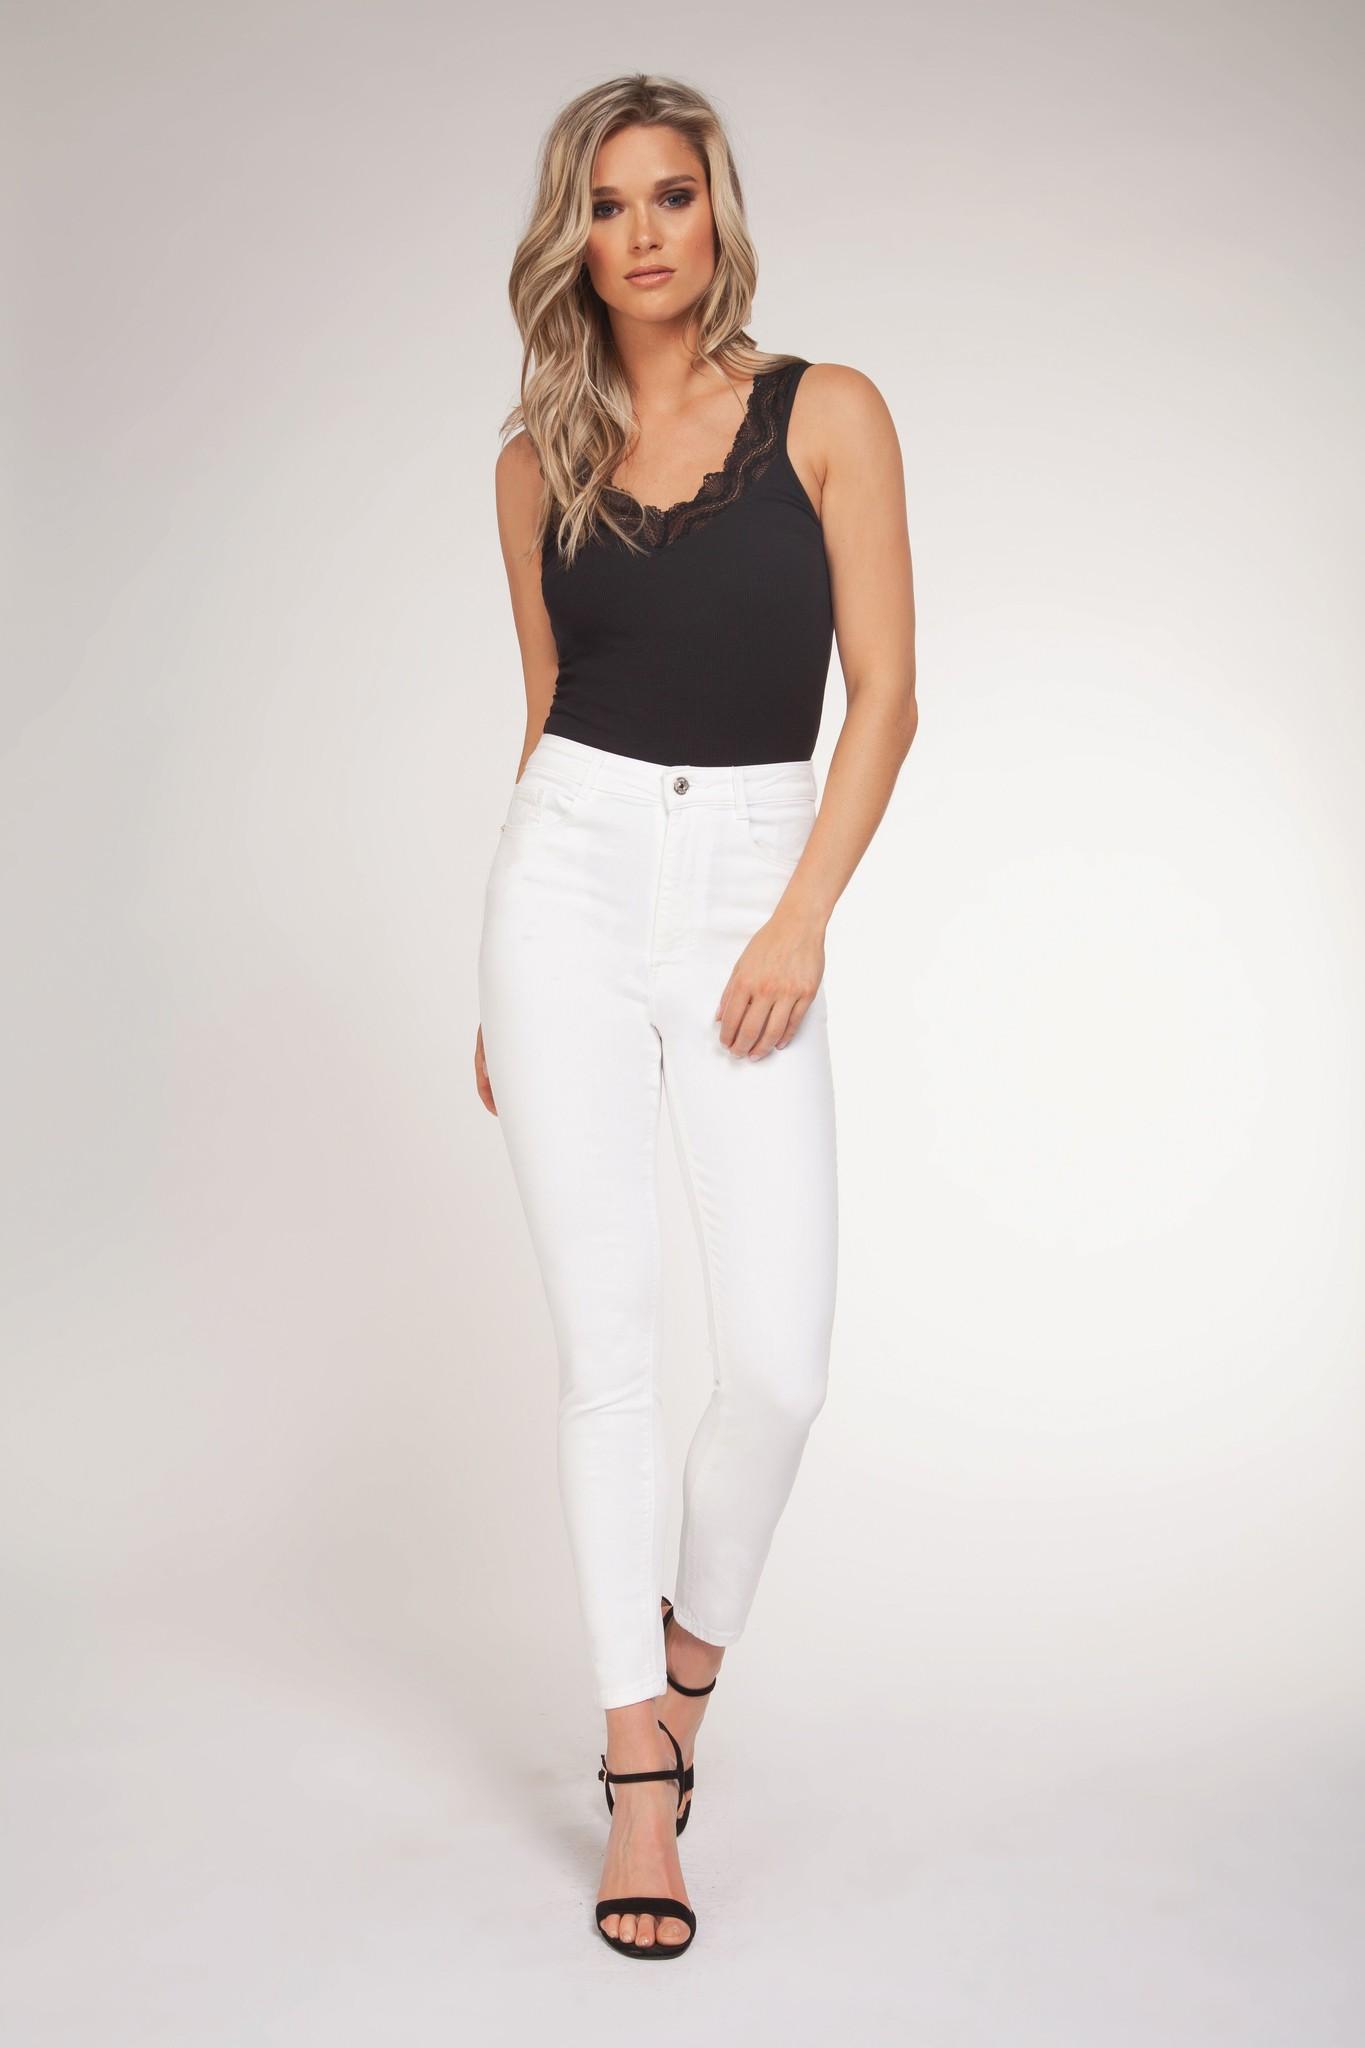 Lace Trim Bodysuit BLK-1